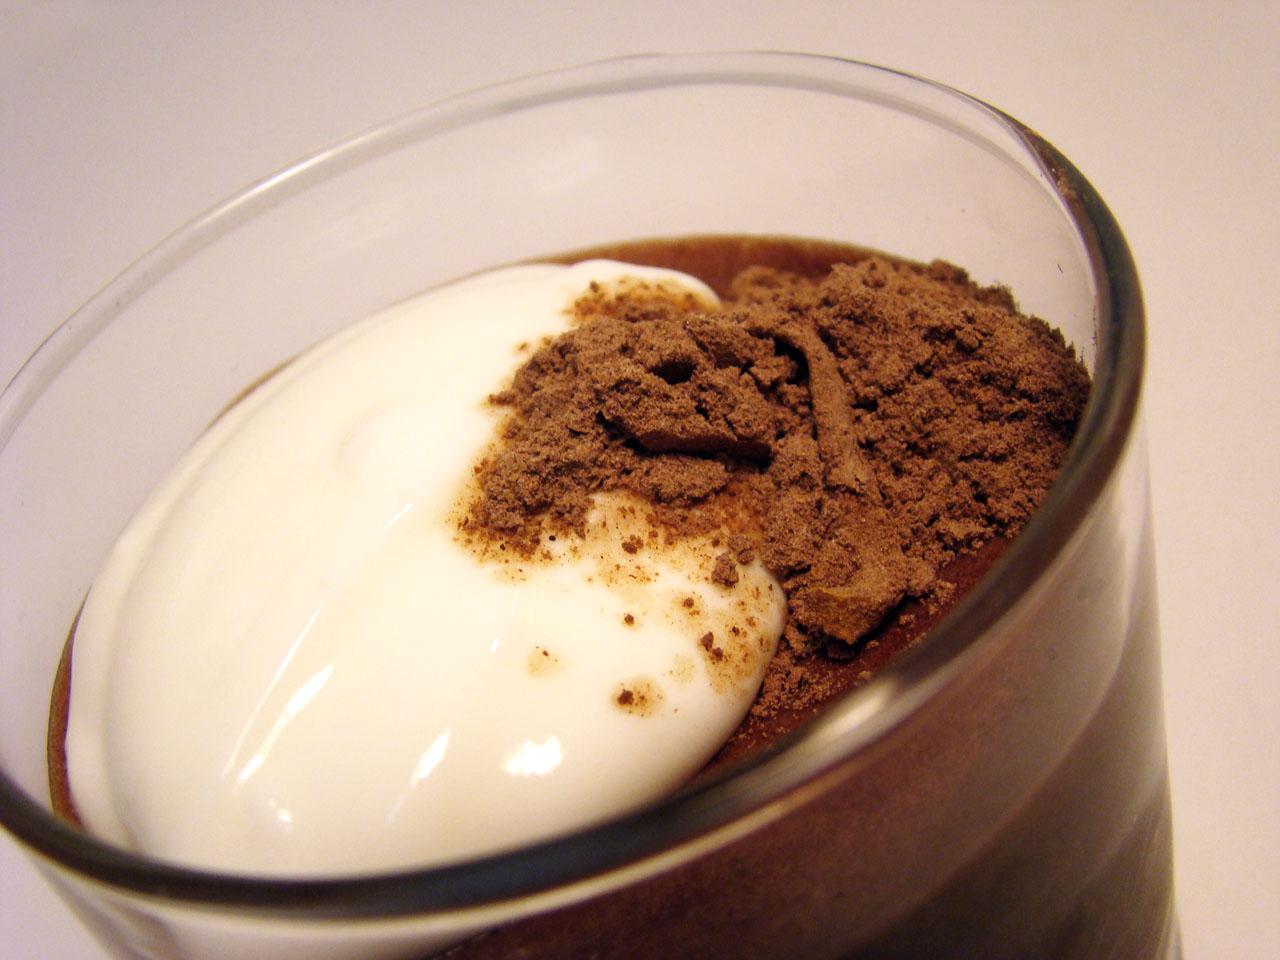 Polvo Mole para condimentar dulces